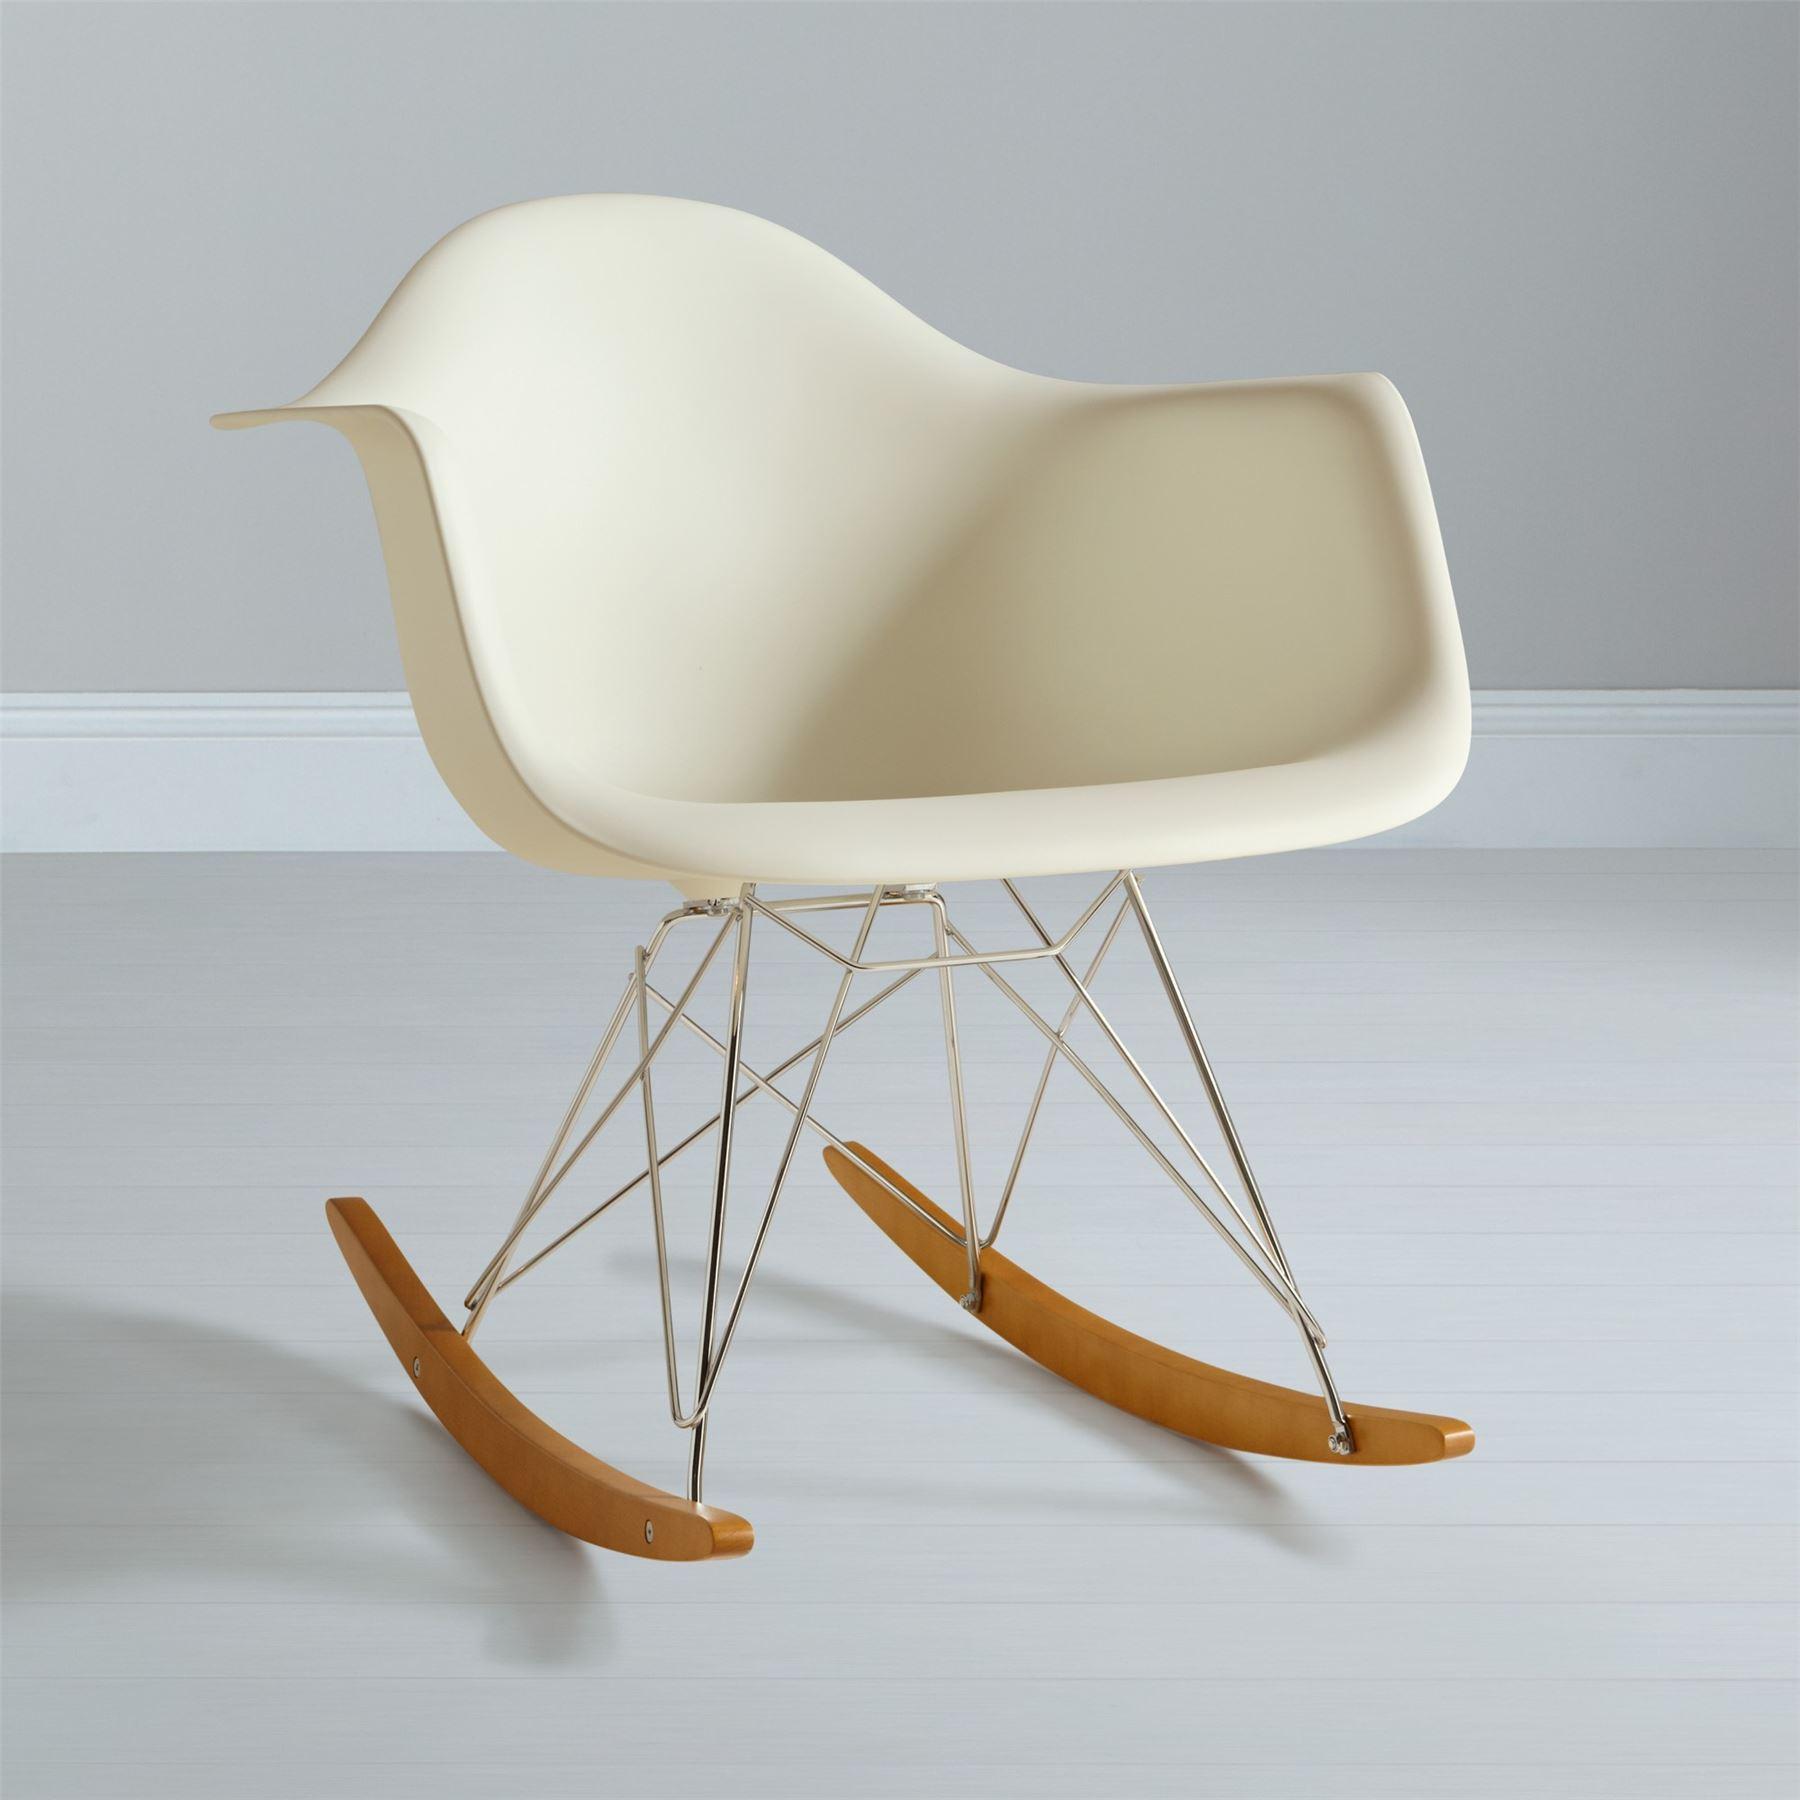 eames rocking chair red nwpa abv rar rocker armchair retro modern